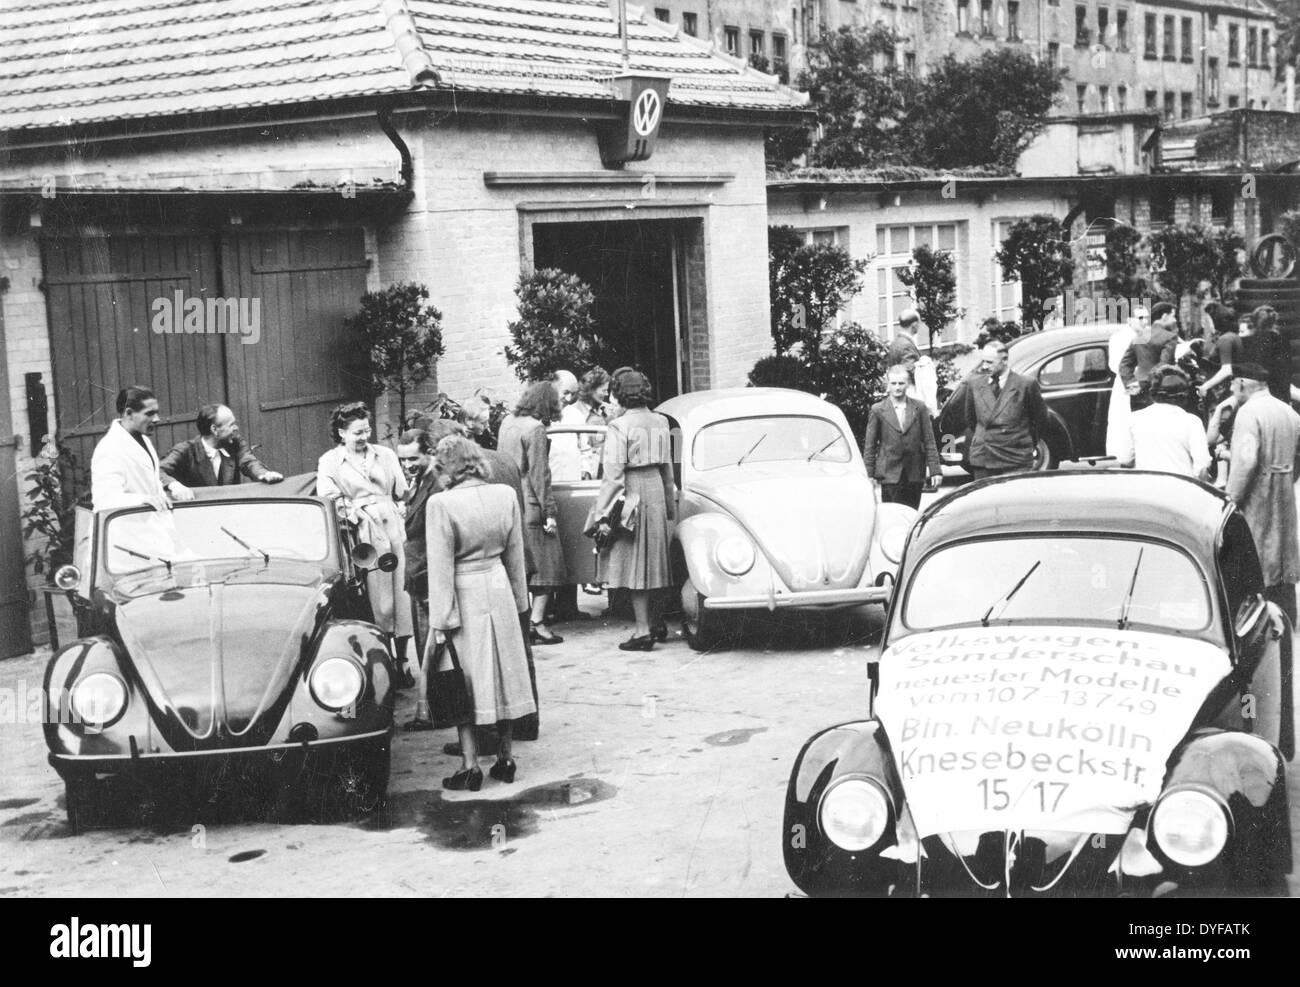 Eine Sonderausstellung des VW Automobile in Knesebeck-Strasse in West-Berlin, Juli 1949. Foto: Agentur Voller Ernst Stockbild